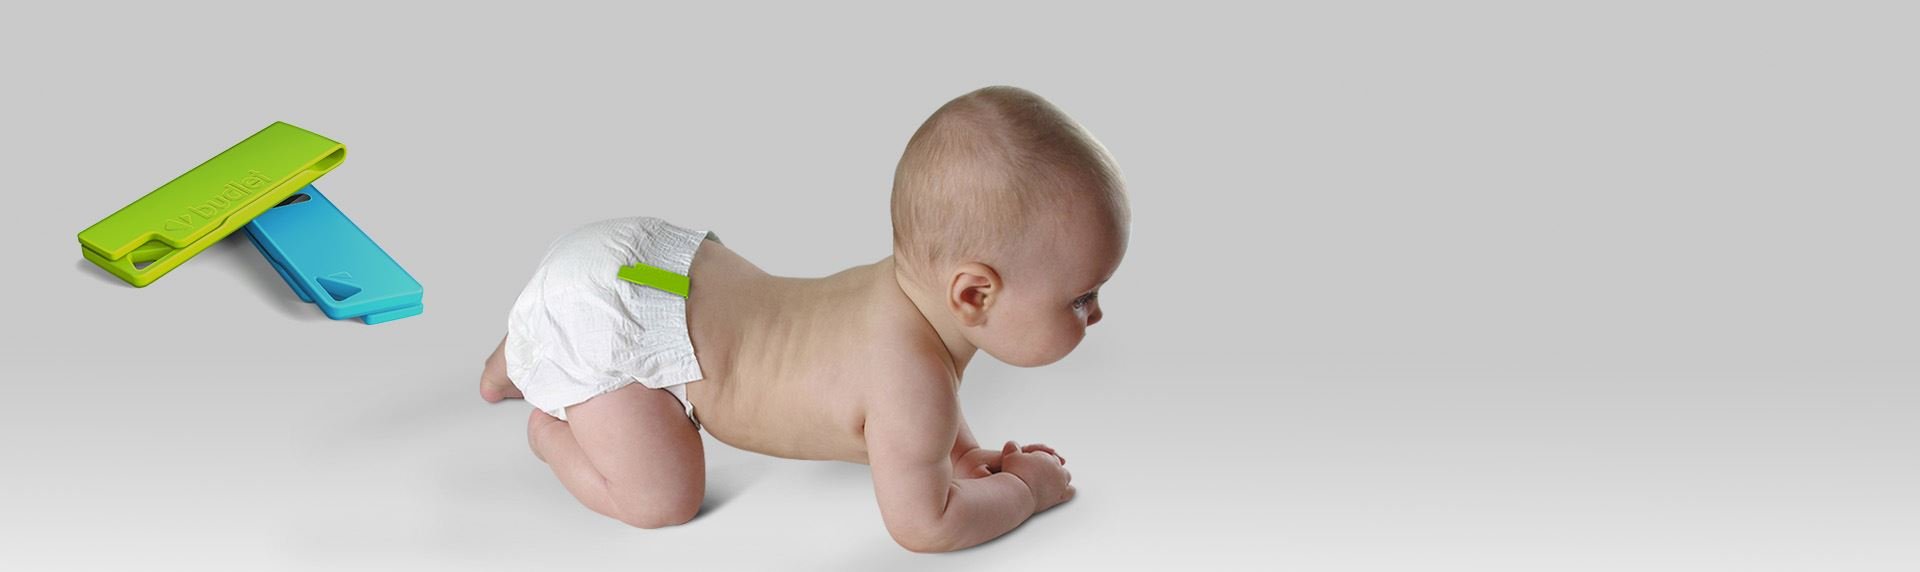 TMT娱乐-智能婴儿体温监测仪